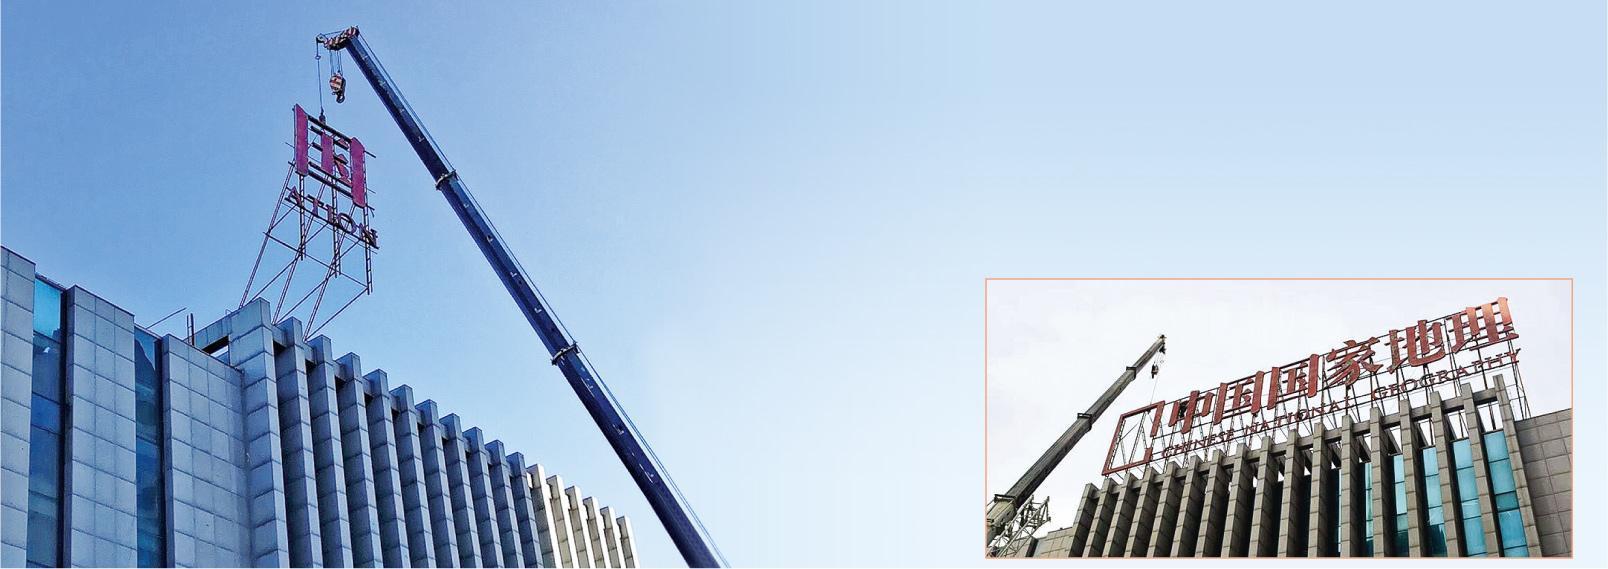 中國國家地理雜誌社用吊臂車拆走樓頂的標誌,拆完之時還在微博自嘲「禿了」。(網上圖片)